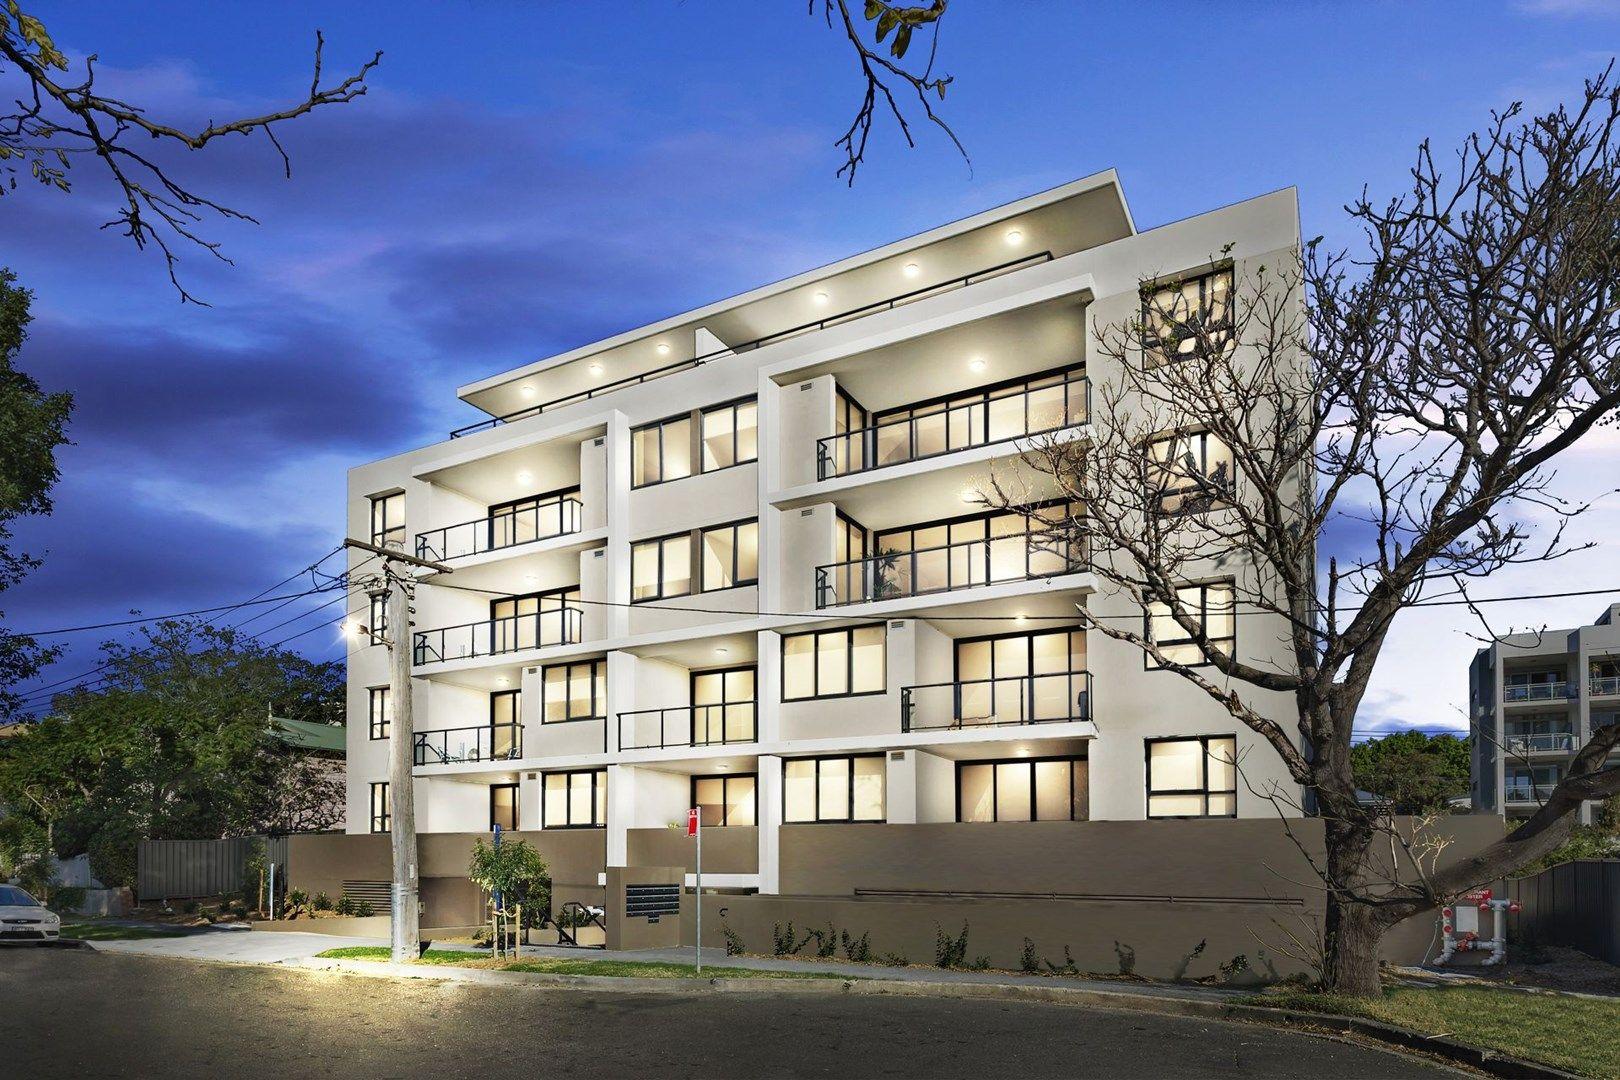 7/3-5 Wiseman Avenue, Wollongong NSW 2500, Image 2